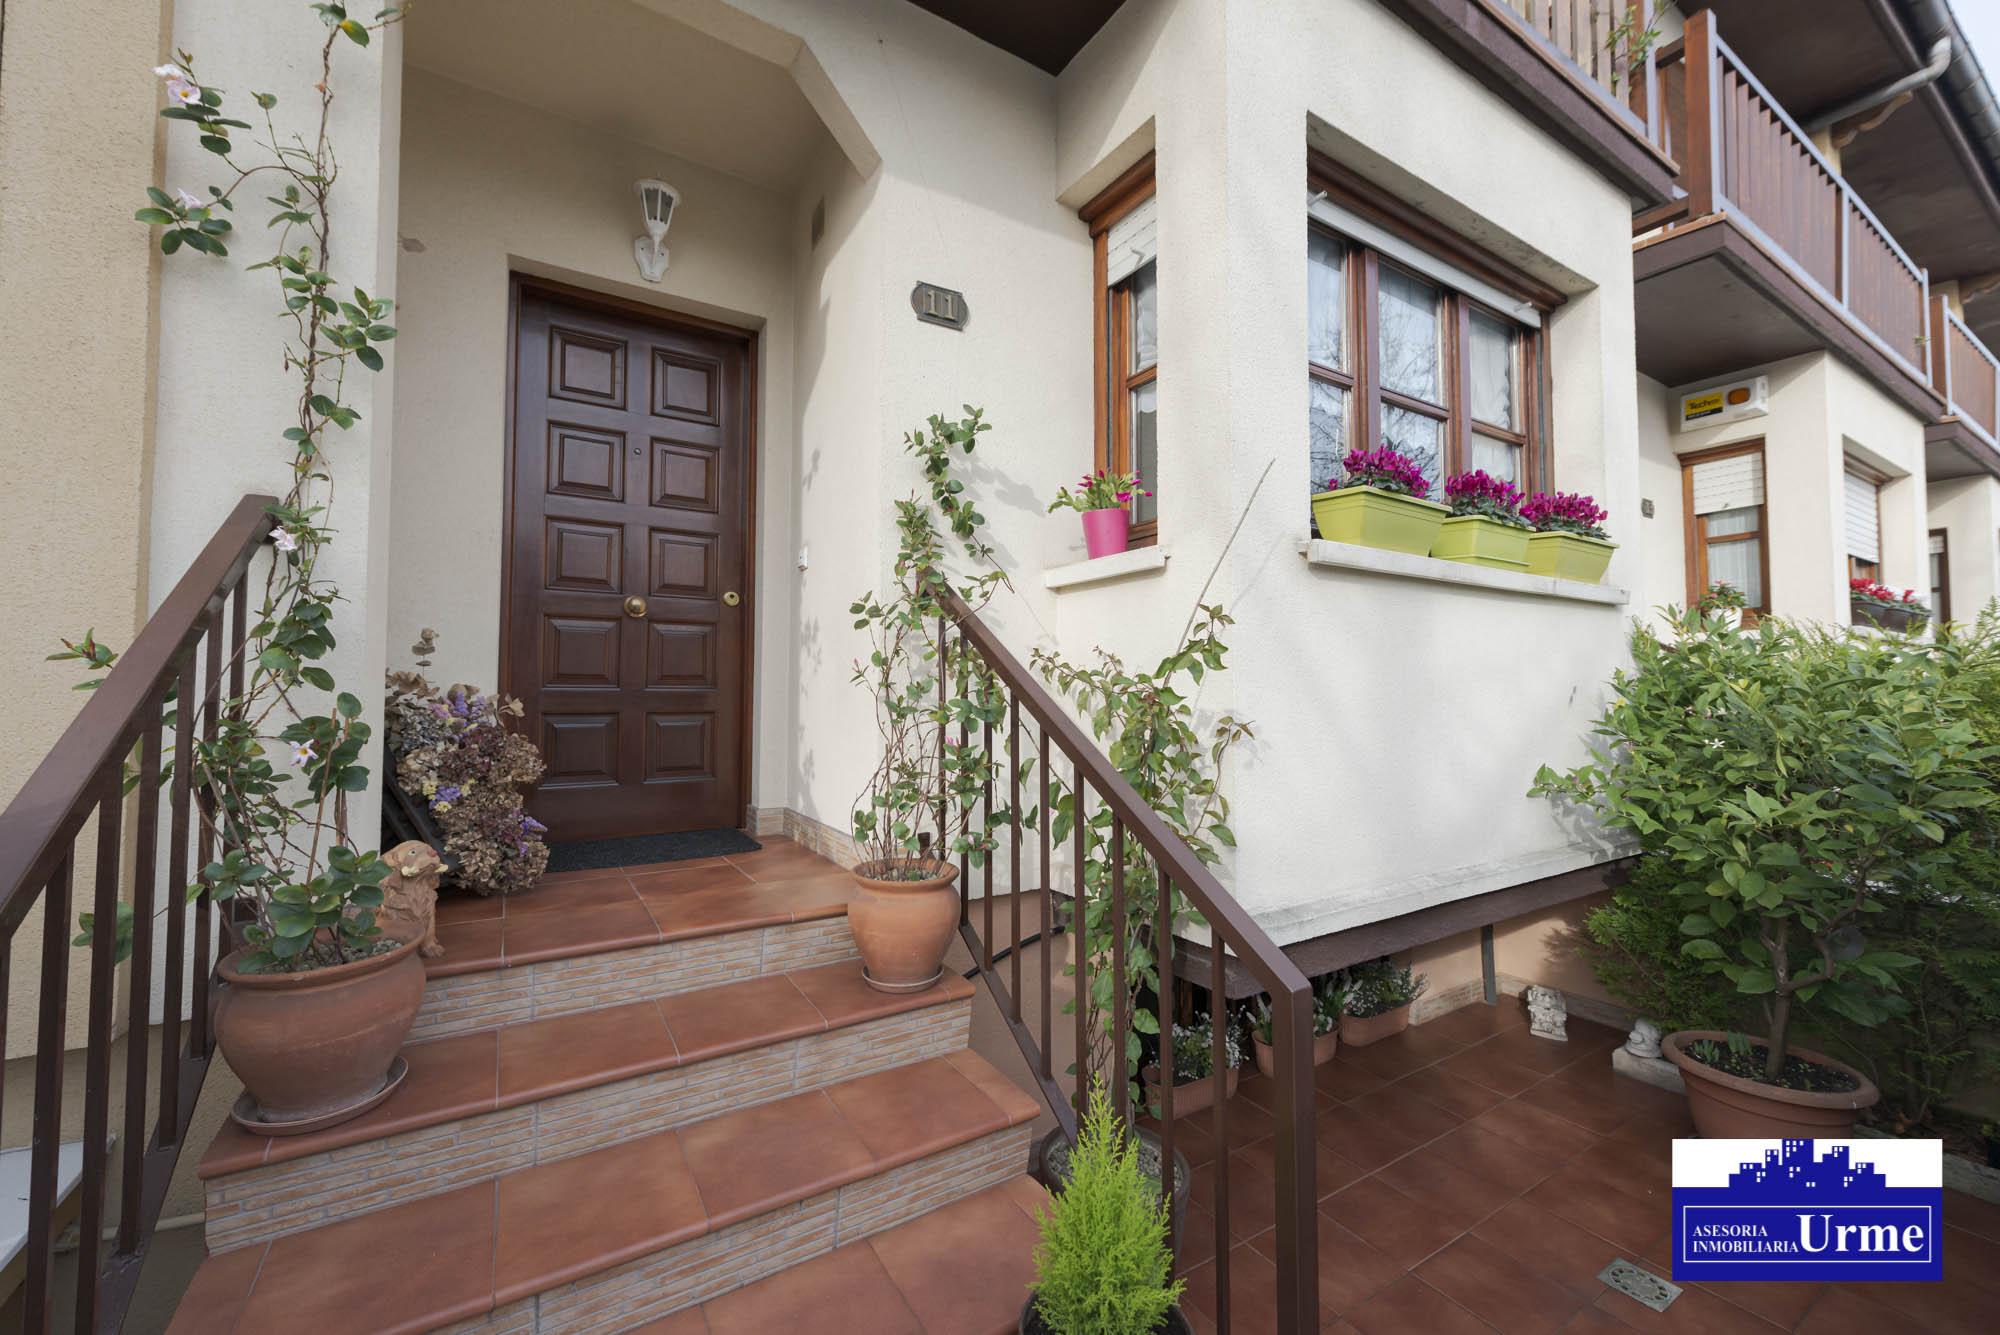 Villa adosada,con mucho encanto y en perfecto estado.190m2 útiles.Gr...